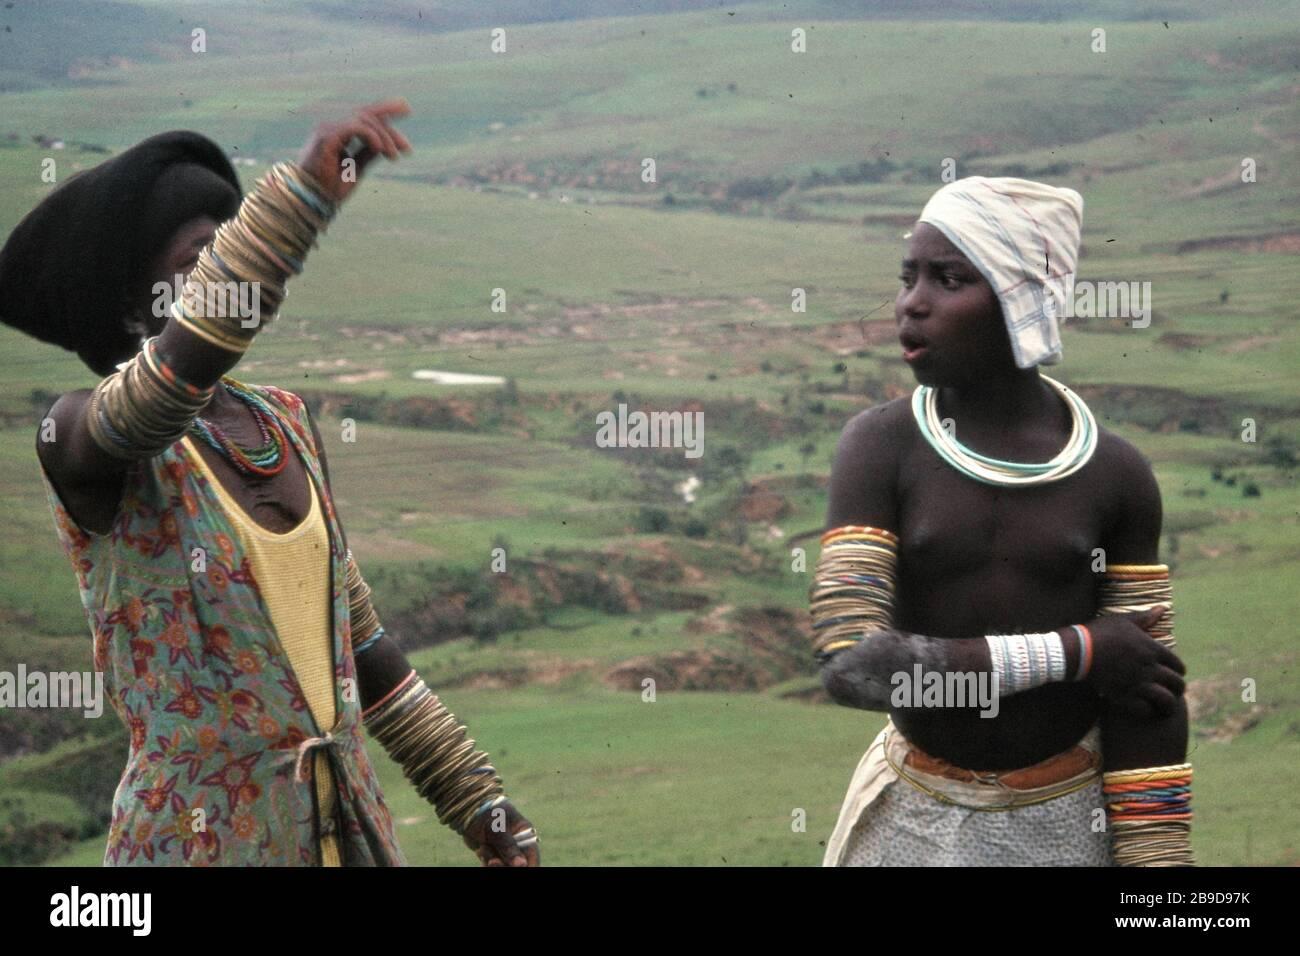 Fille Du Groupe Ethnique Xhosa Avec Des Chaines Sur Ses Bras Devant La Campagne De Transkei Traduction Automatique Photo Stock Alamy